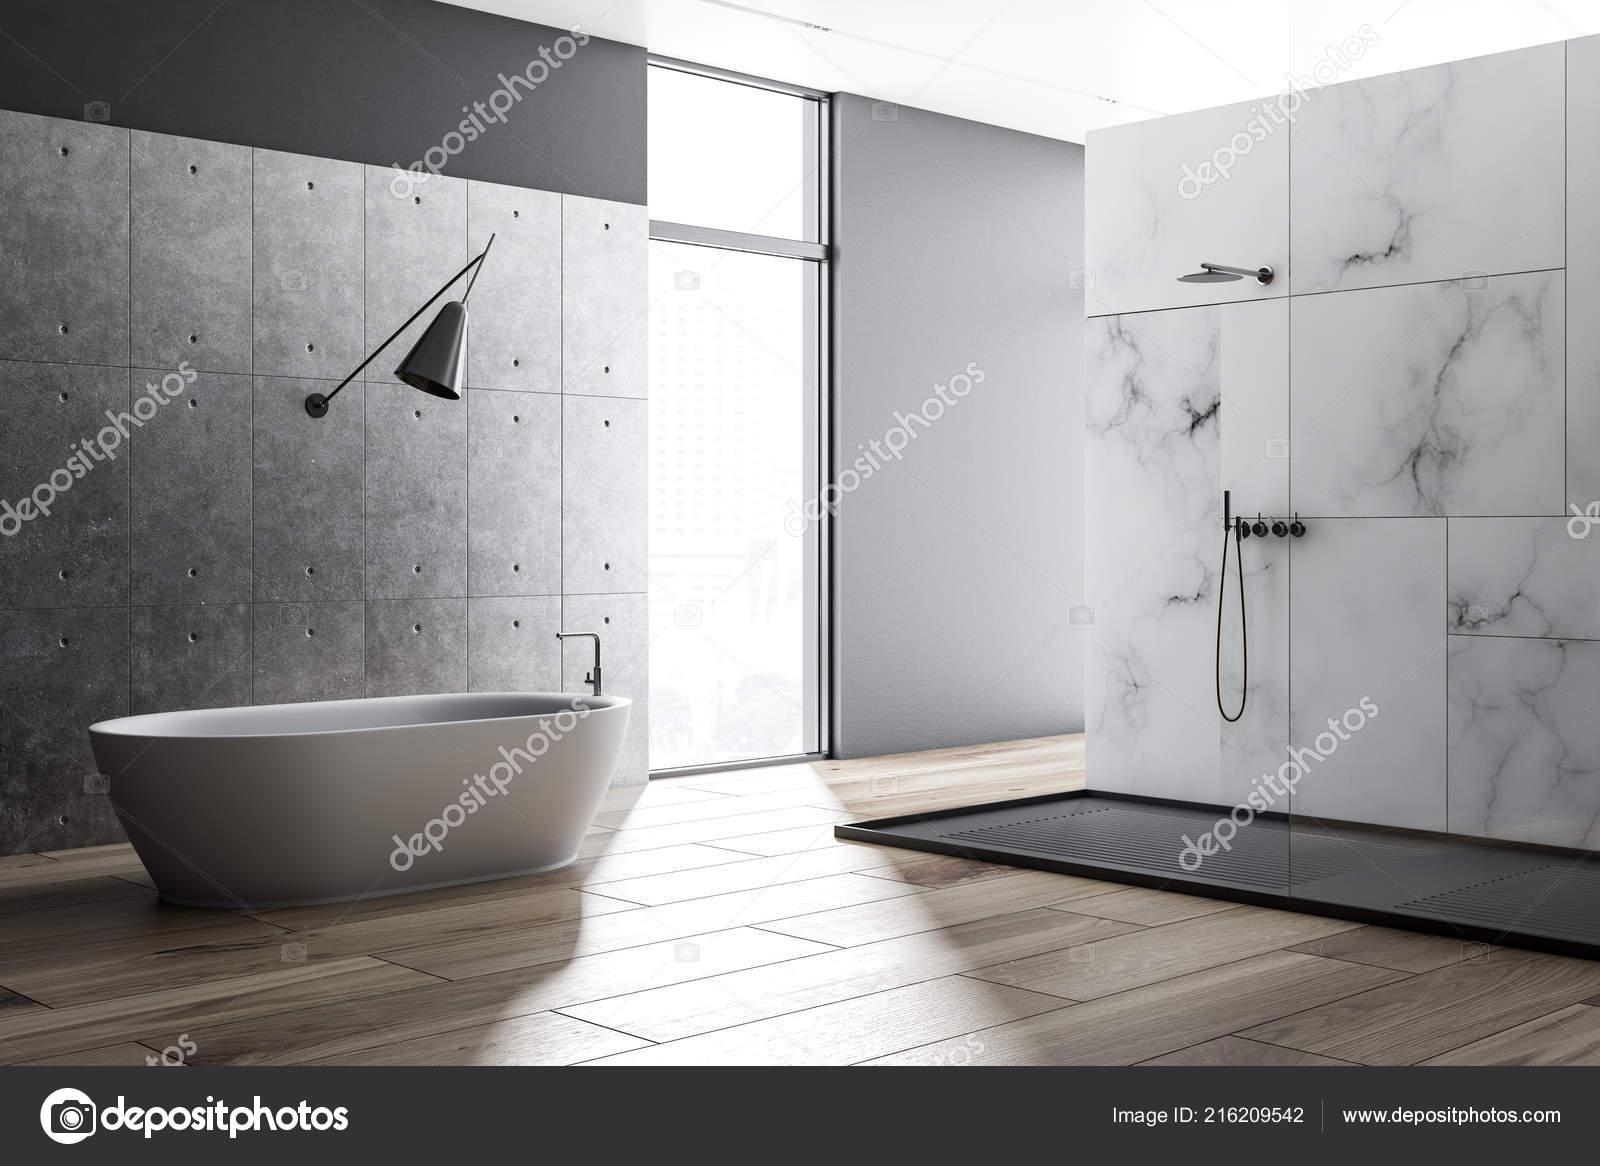 Weißer Marmor Badezimmer Interieur Mit Einem Holzfußboden Eine Weiße ...